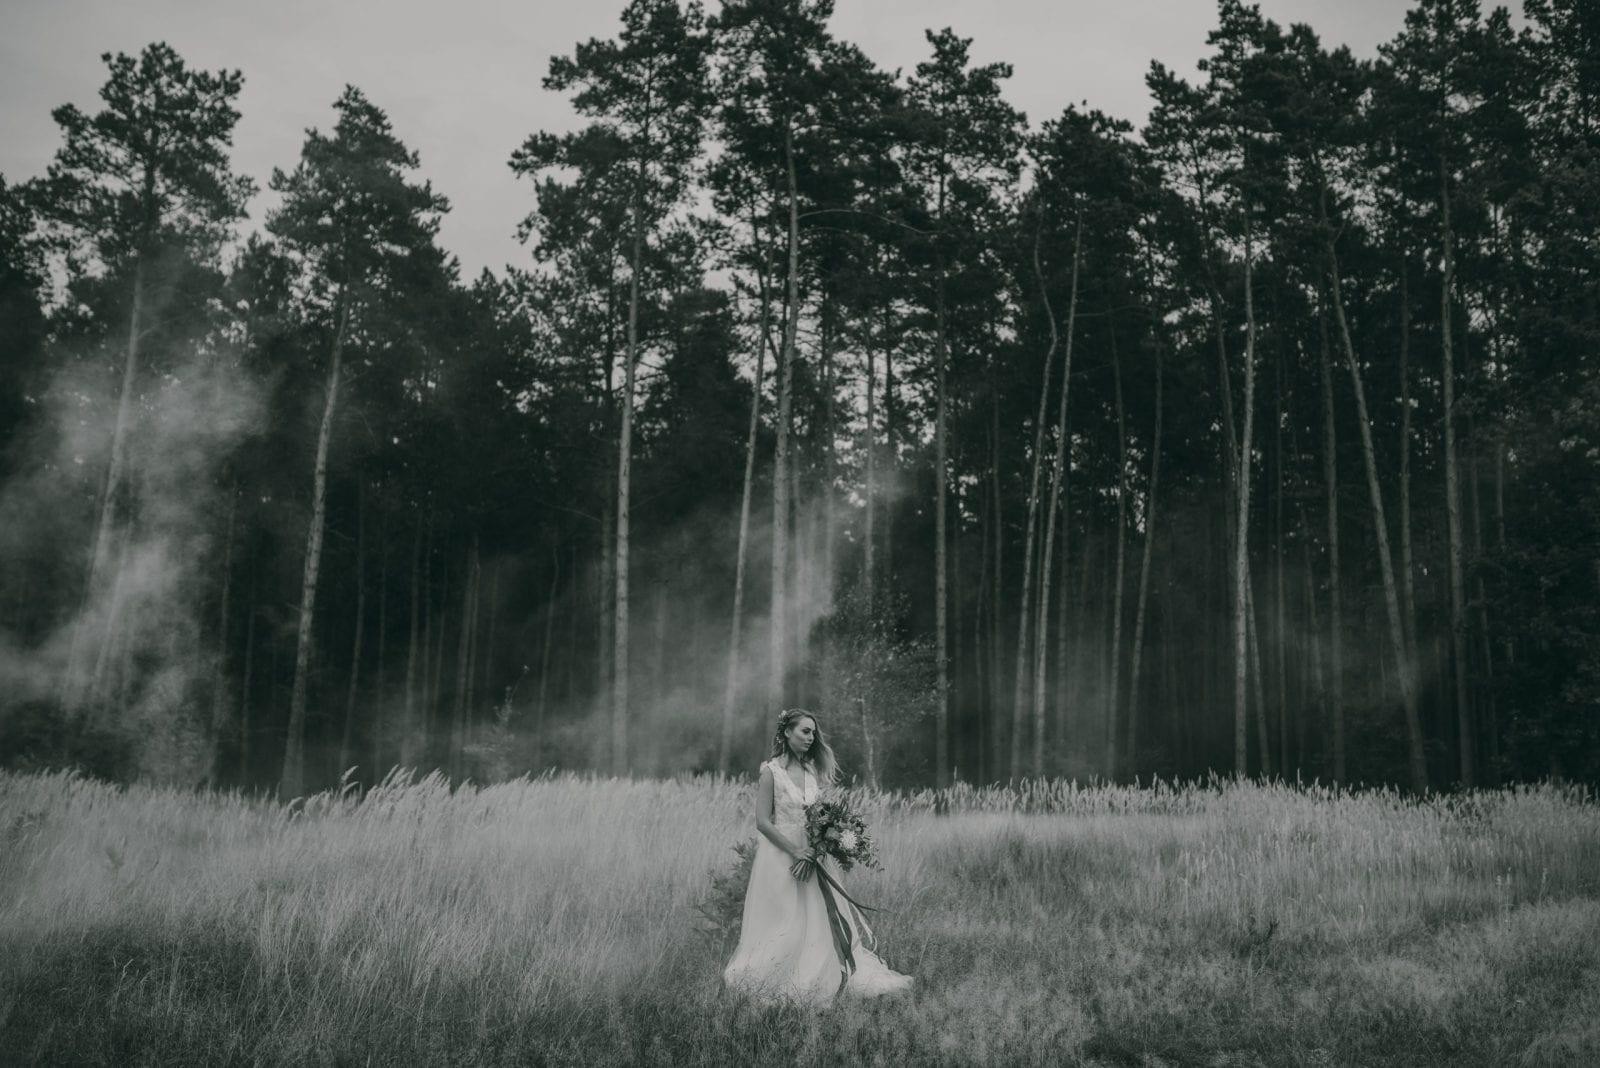 bukiet boho, Centrum Mody Ślubnej Szczecin, Plener ślubny, Sesja slubna, ślub 2020, ślub 2021, suknia boho Sesja plenerowa stylizowana na BOHO